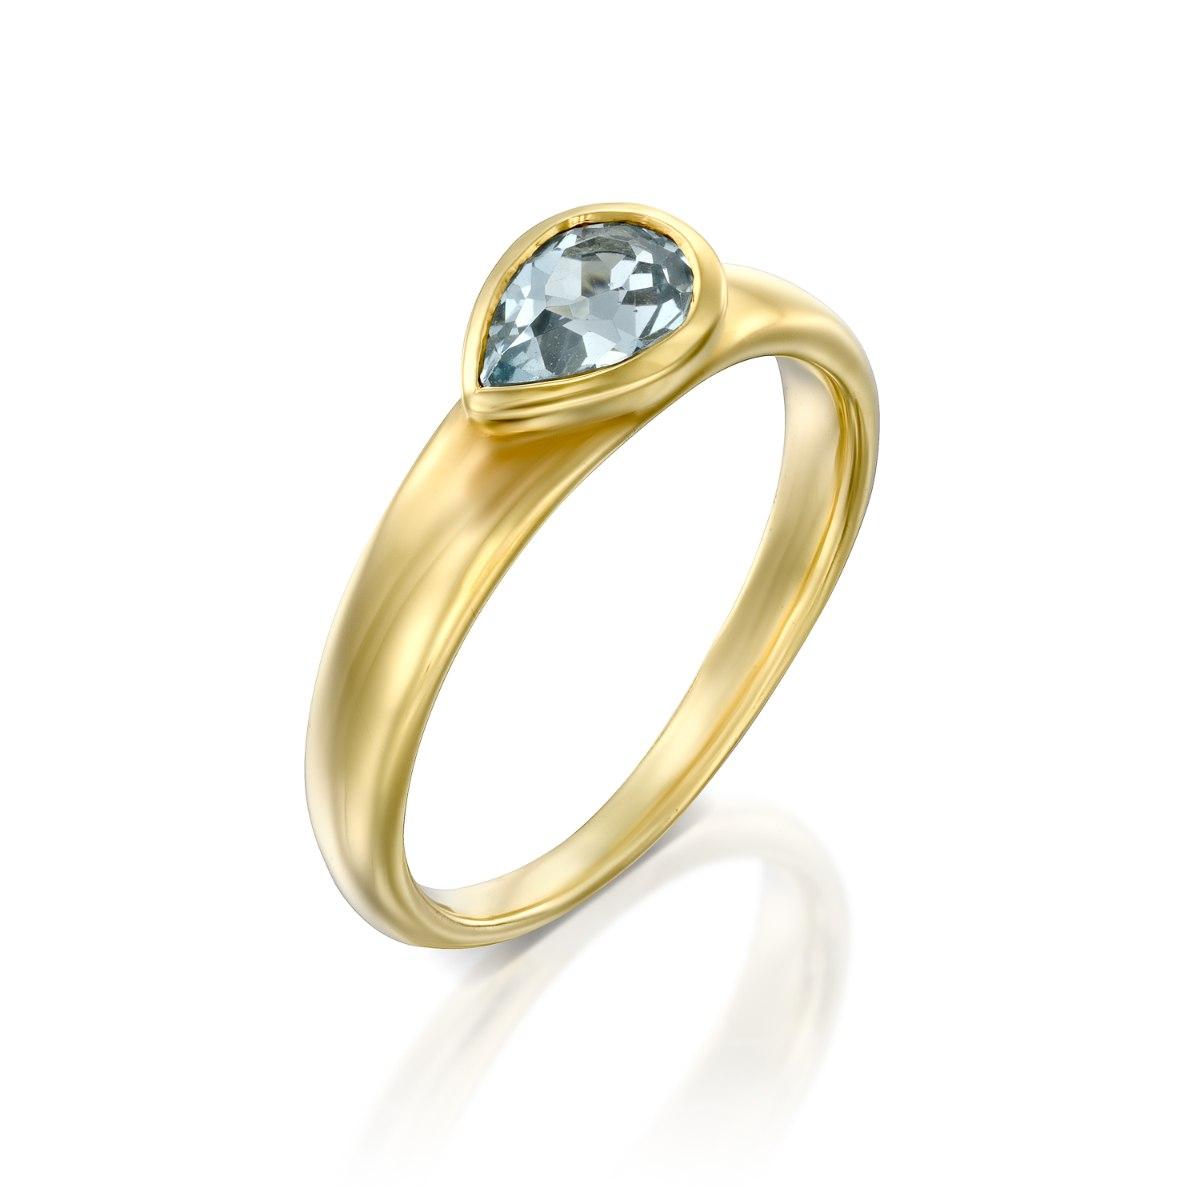 טבעת זהב 14 קרט משובצת בלוטופז בצורת טיפה נועה טריפ noa tripp